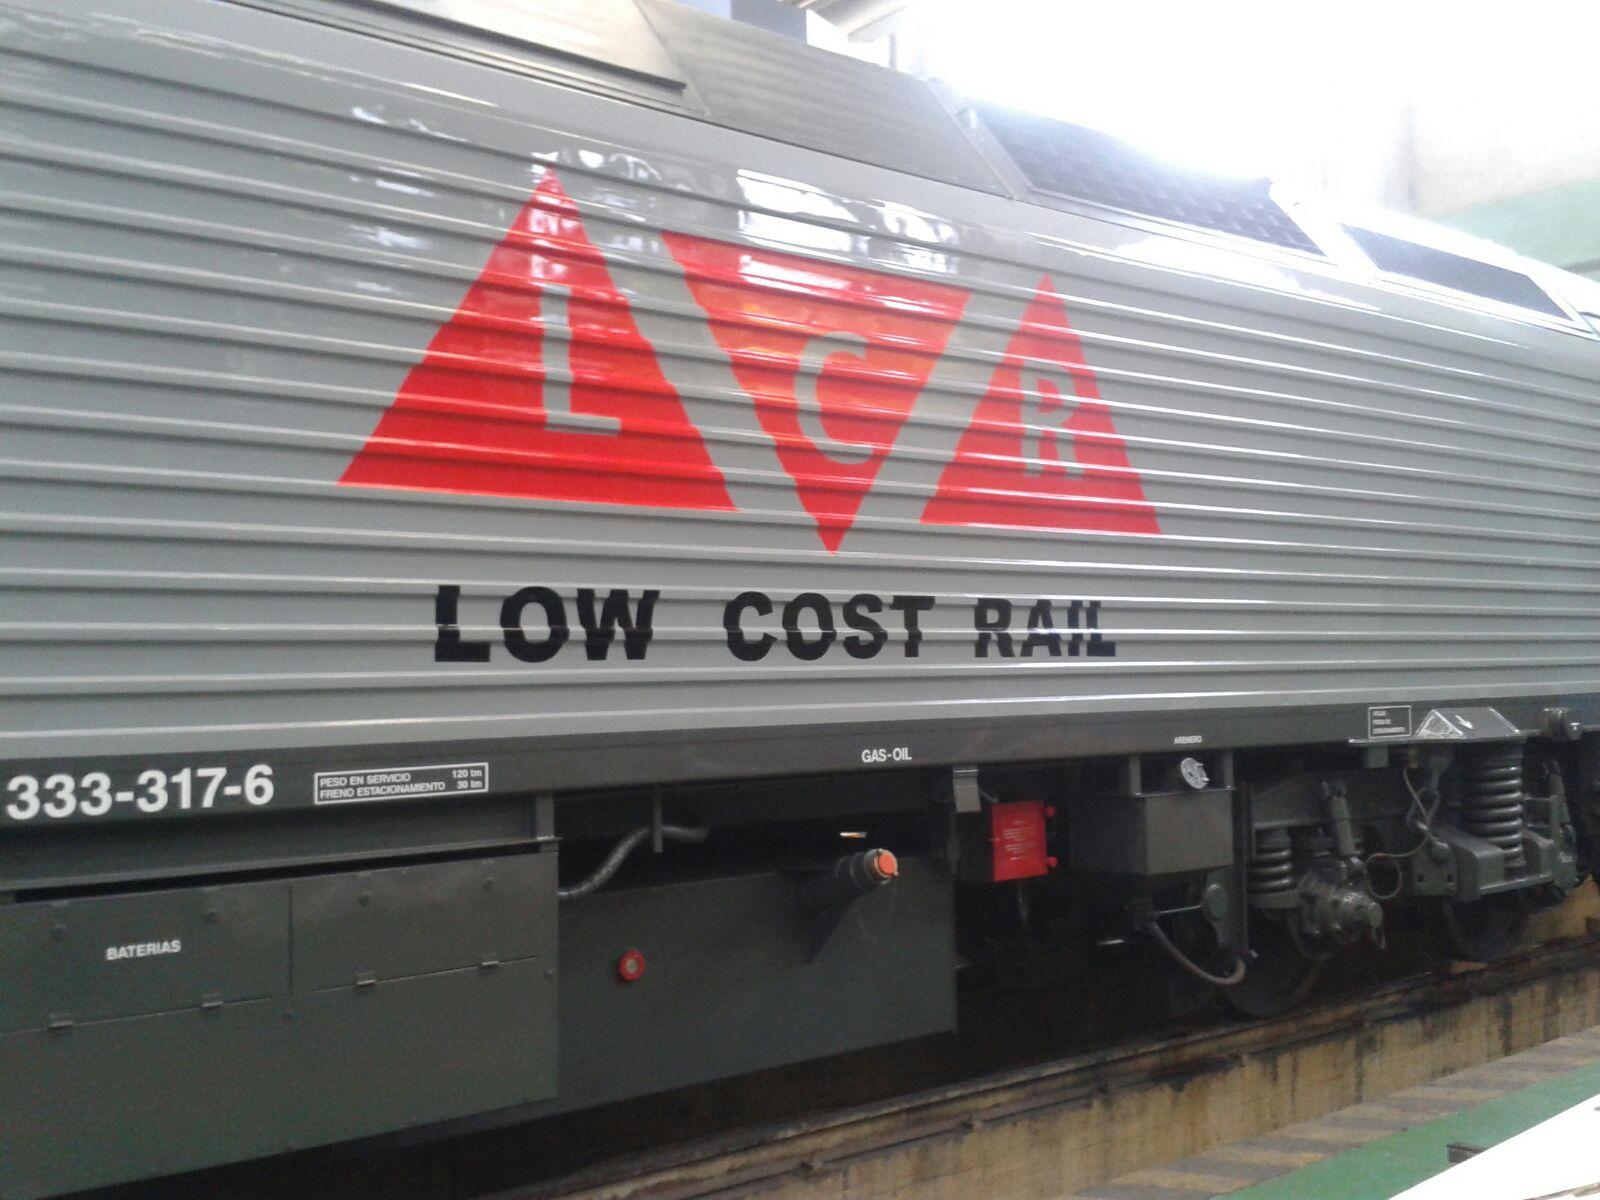 Así luce la nueva locomotora para Low Cost Rail. Autor desconocido.